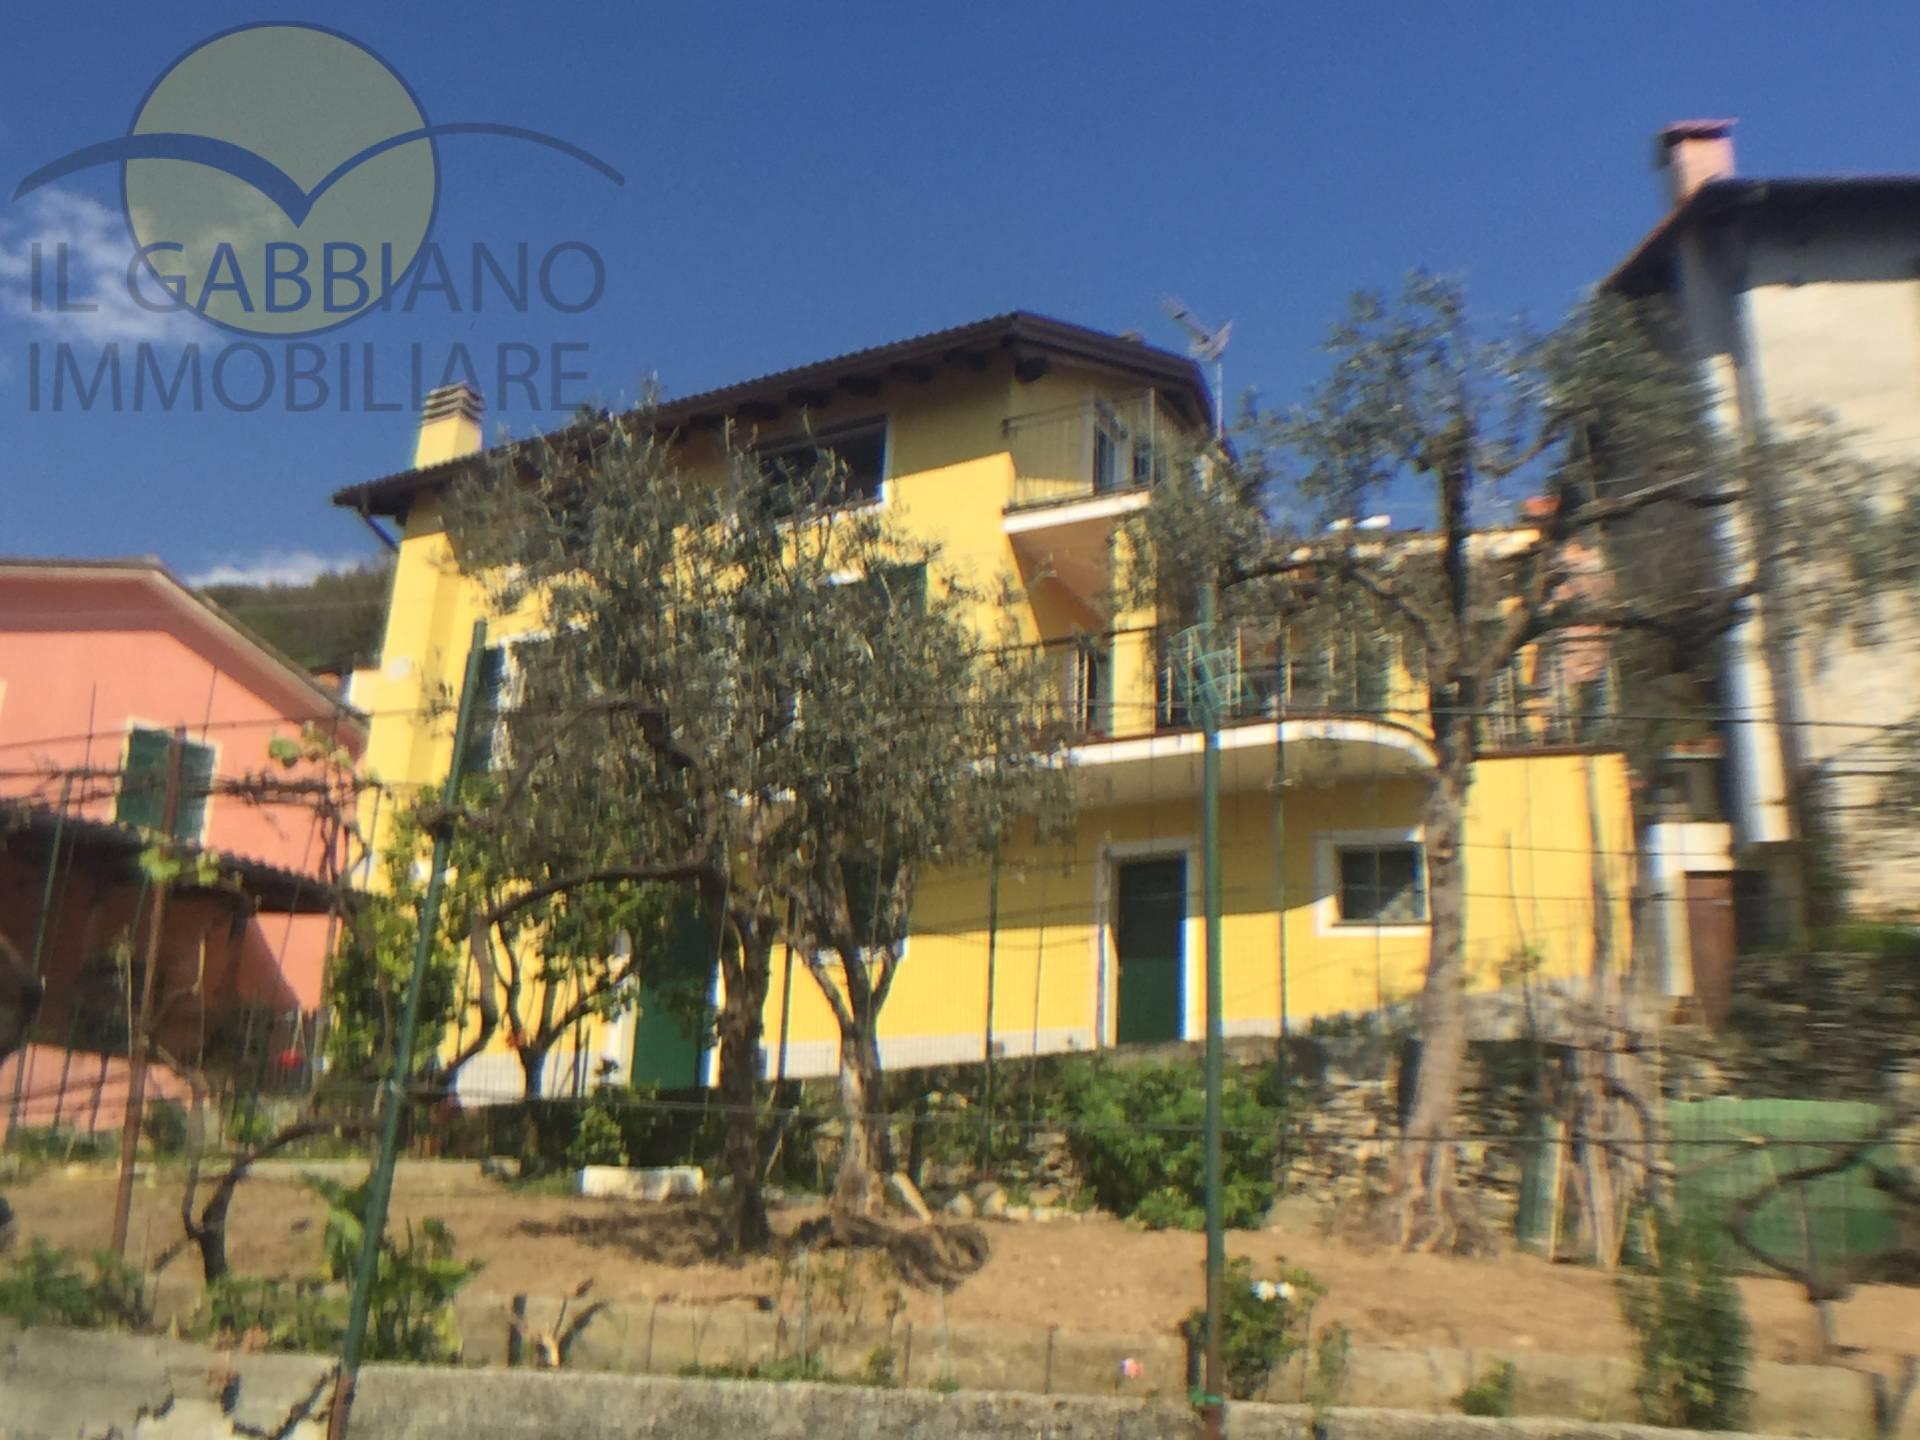 Soluzione Indipendente in vendita a Avegno, 8 locali, zona Zona: Testana, prezzo € 395.000 | CambioCasa.it